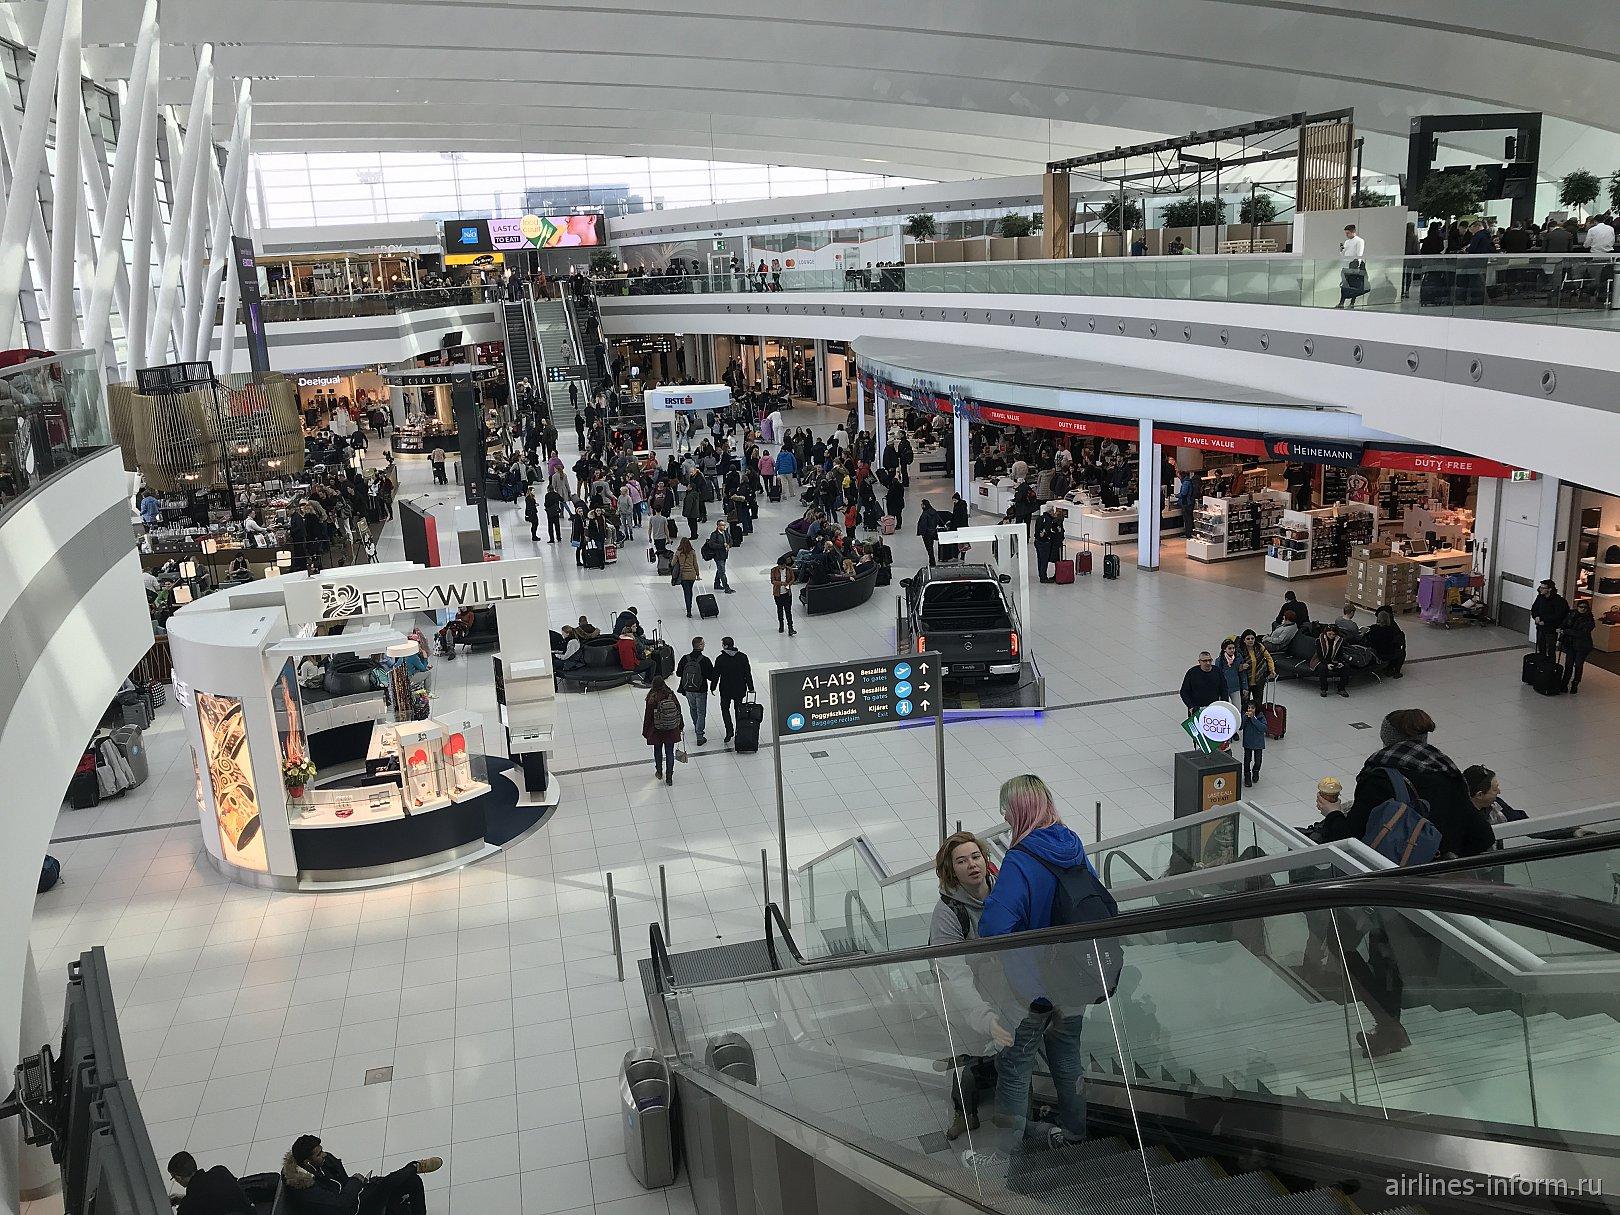 Центральная часть чистой зоны Терминала 2 аэропорта Будапешт Ференц Лист